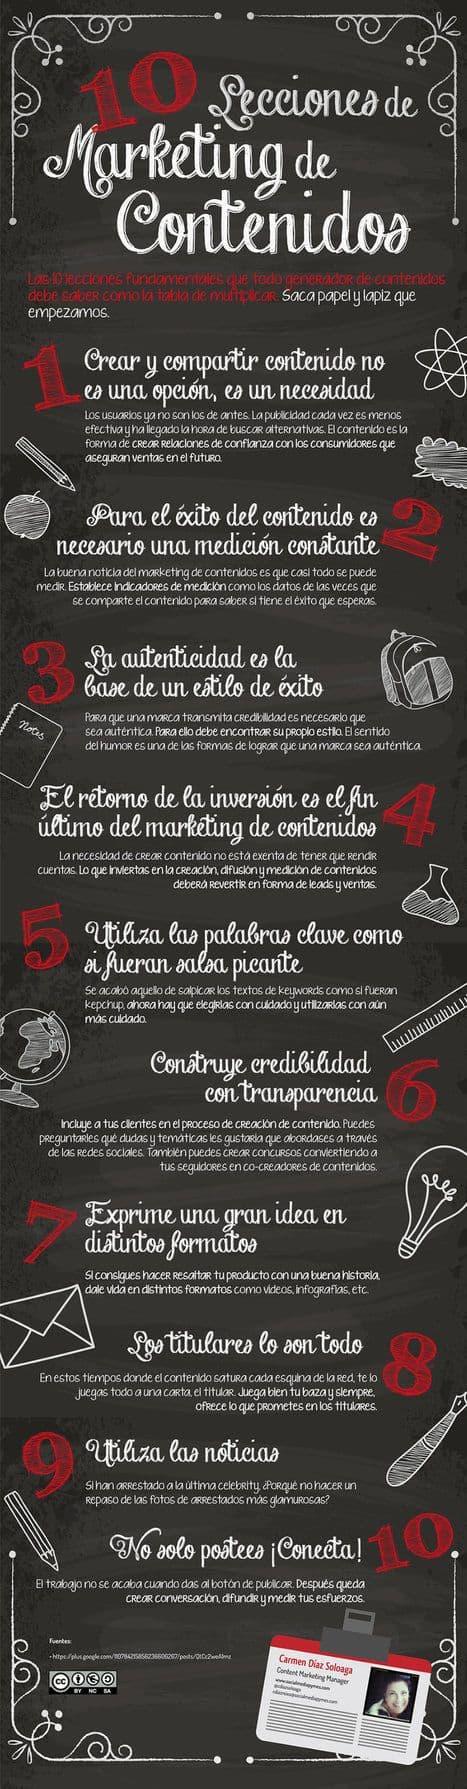 Lecciones del marketing de contenidos #infografia